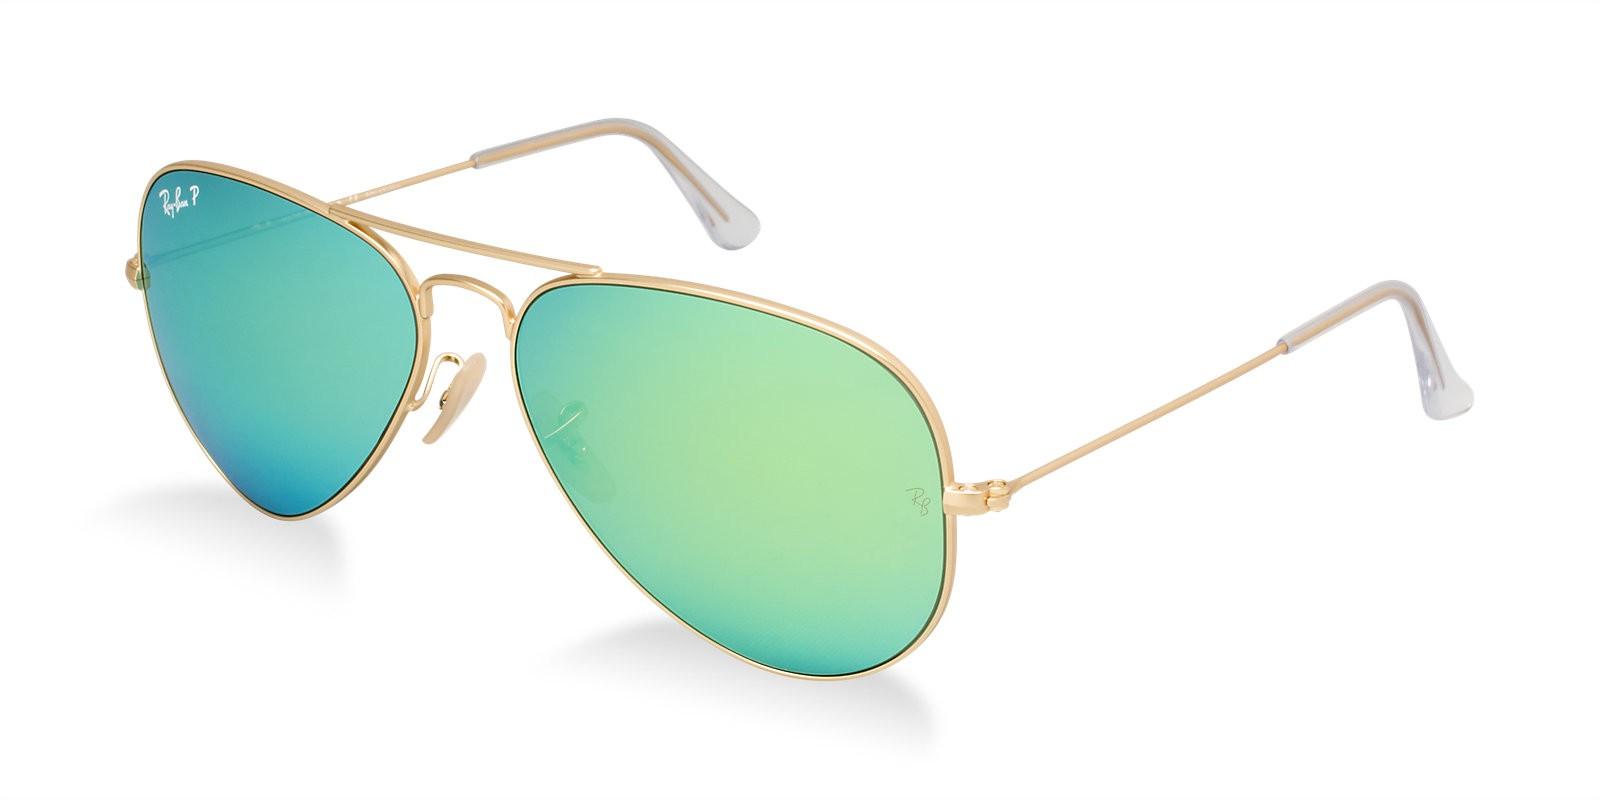 Gafas de sol aviador con doble puente doradas y polarizadas azul intenso